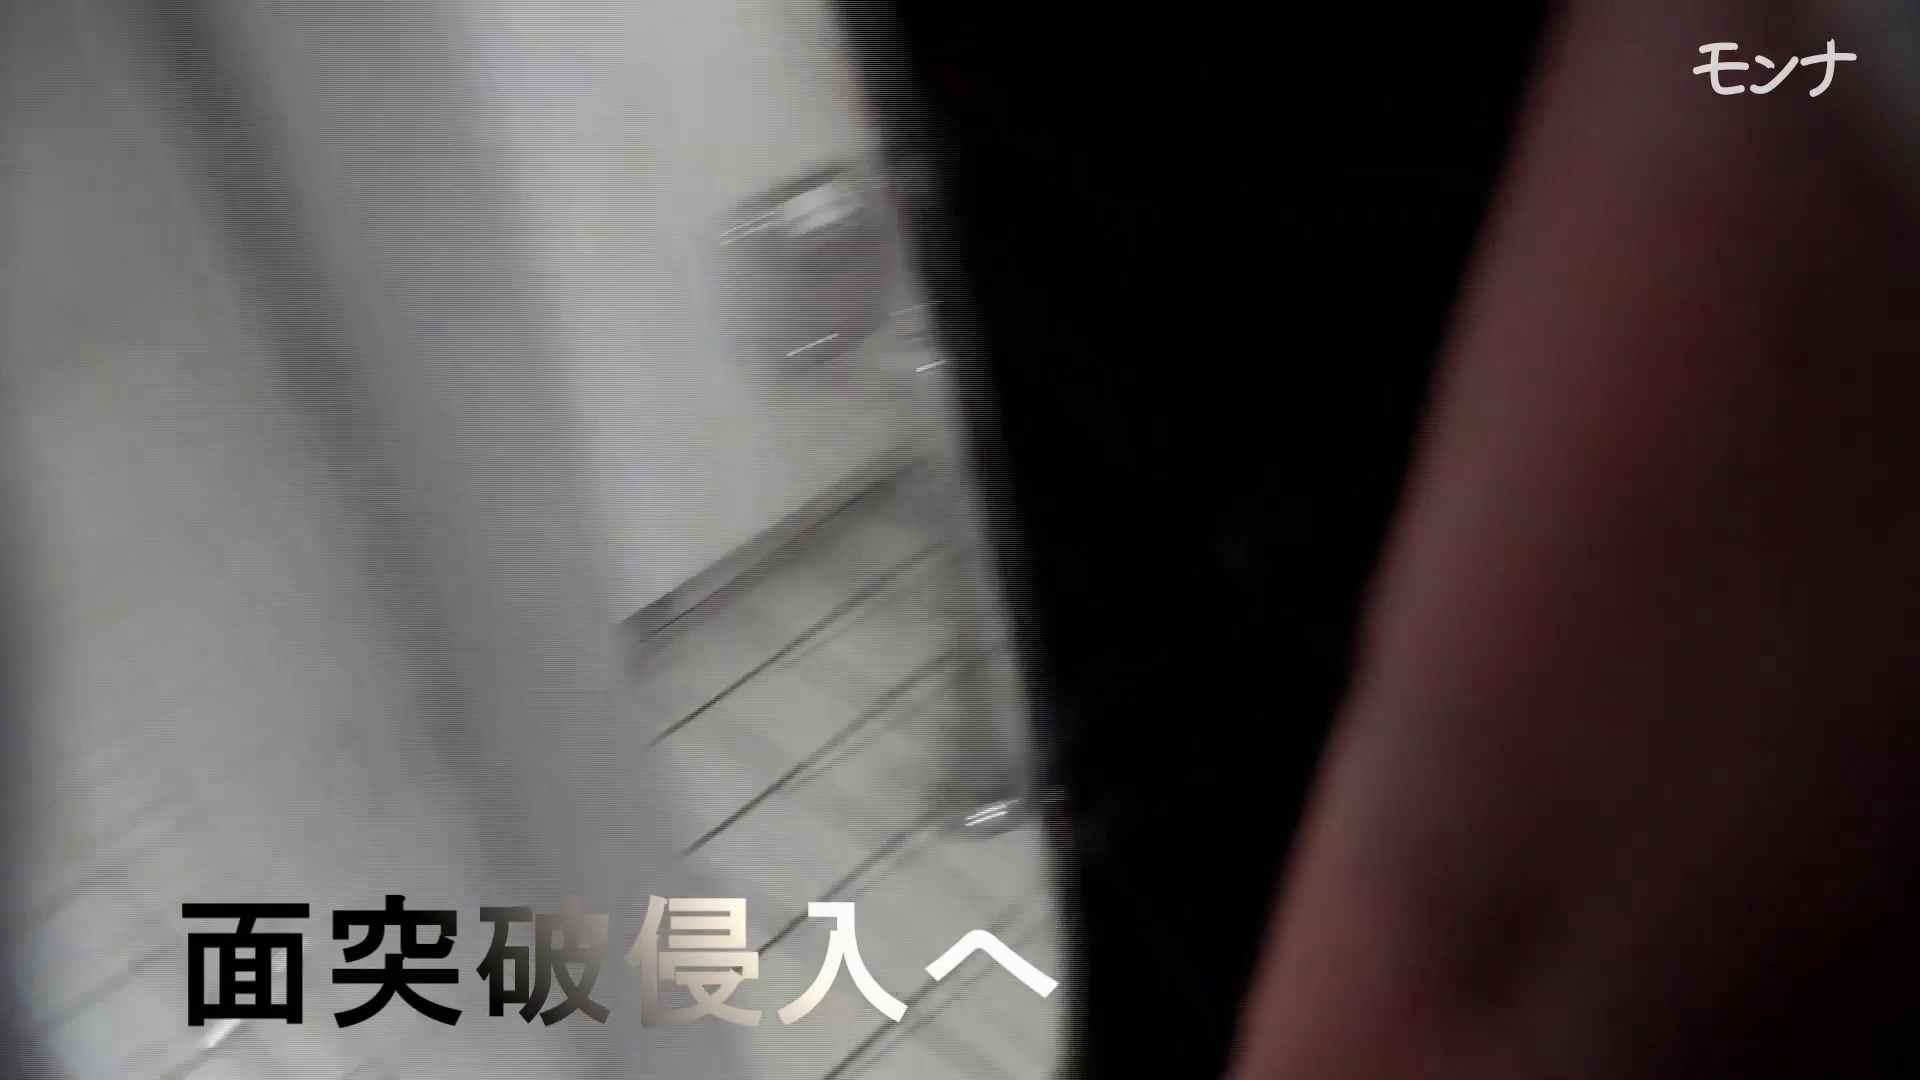 美しい日本の未来 No.50 強硬突入、友達同士同時に撮れるのか? ギャル  72pic 22